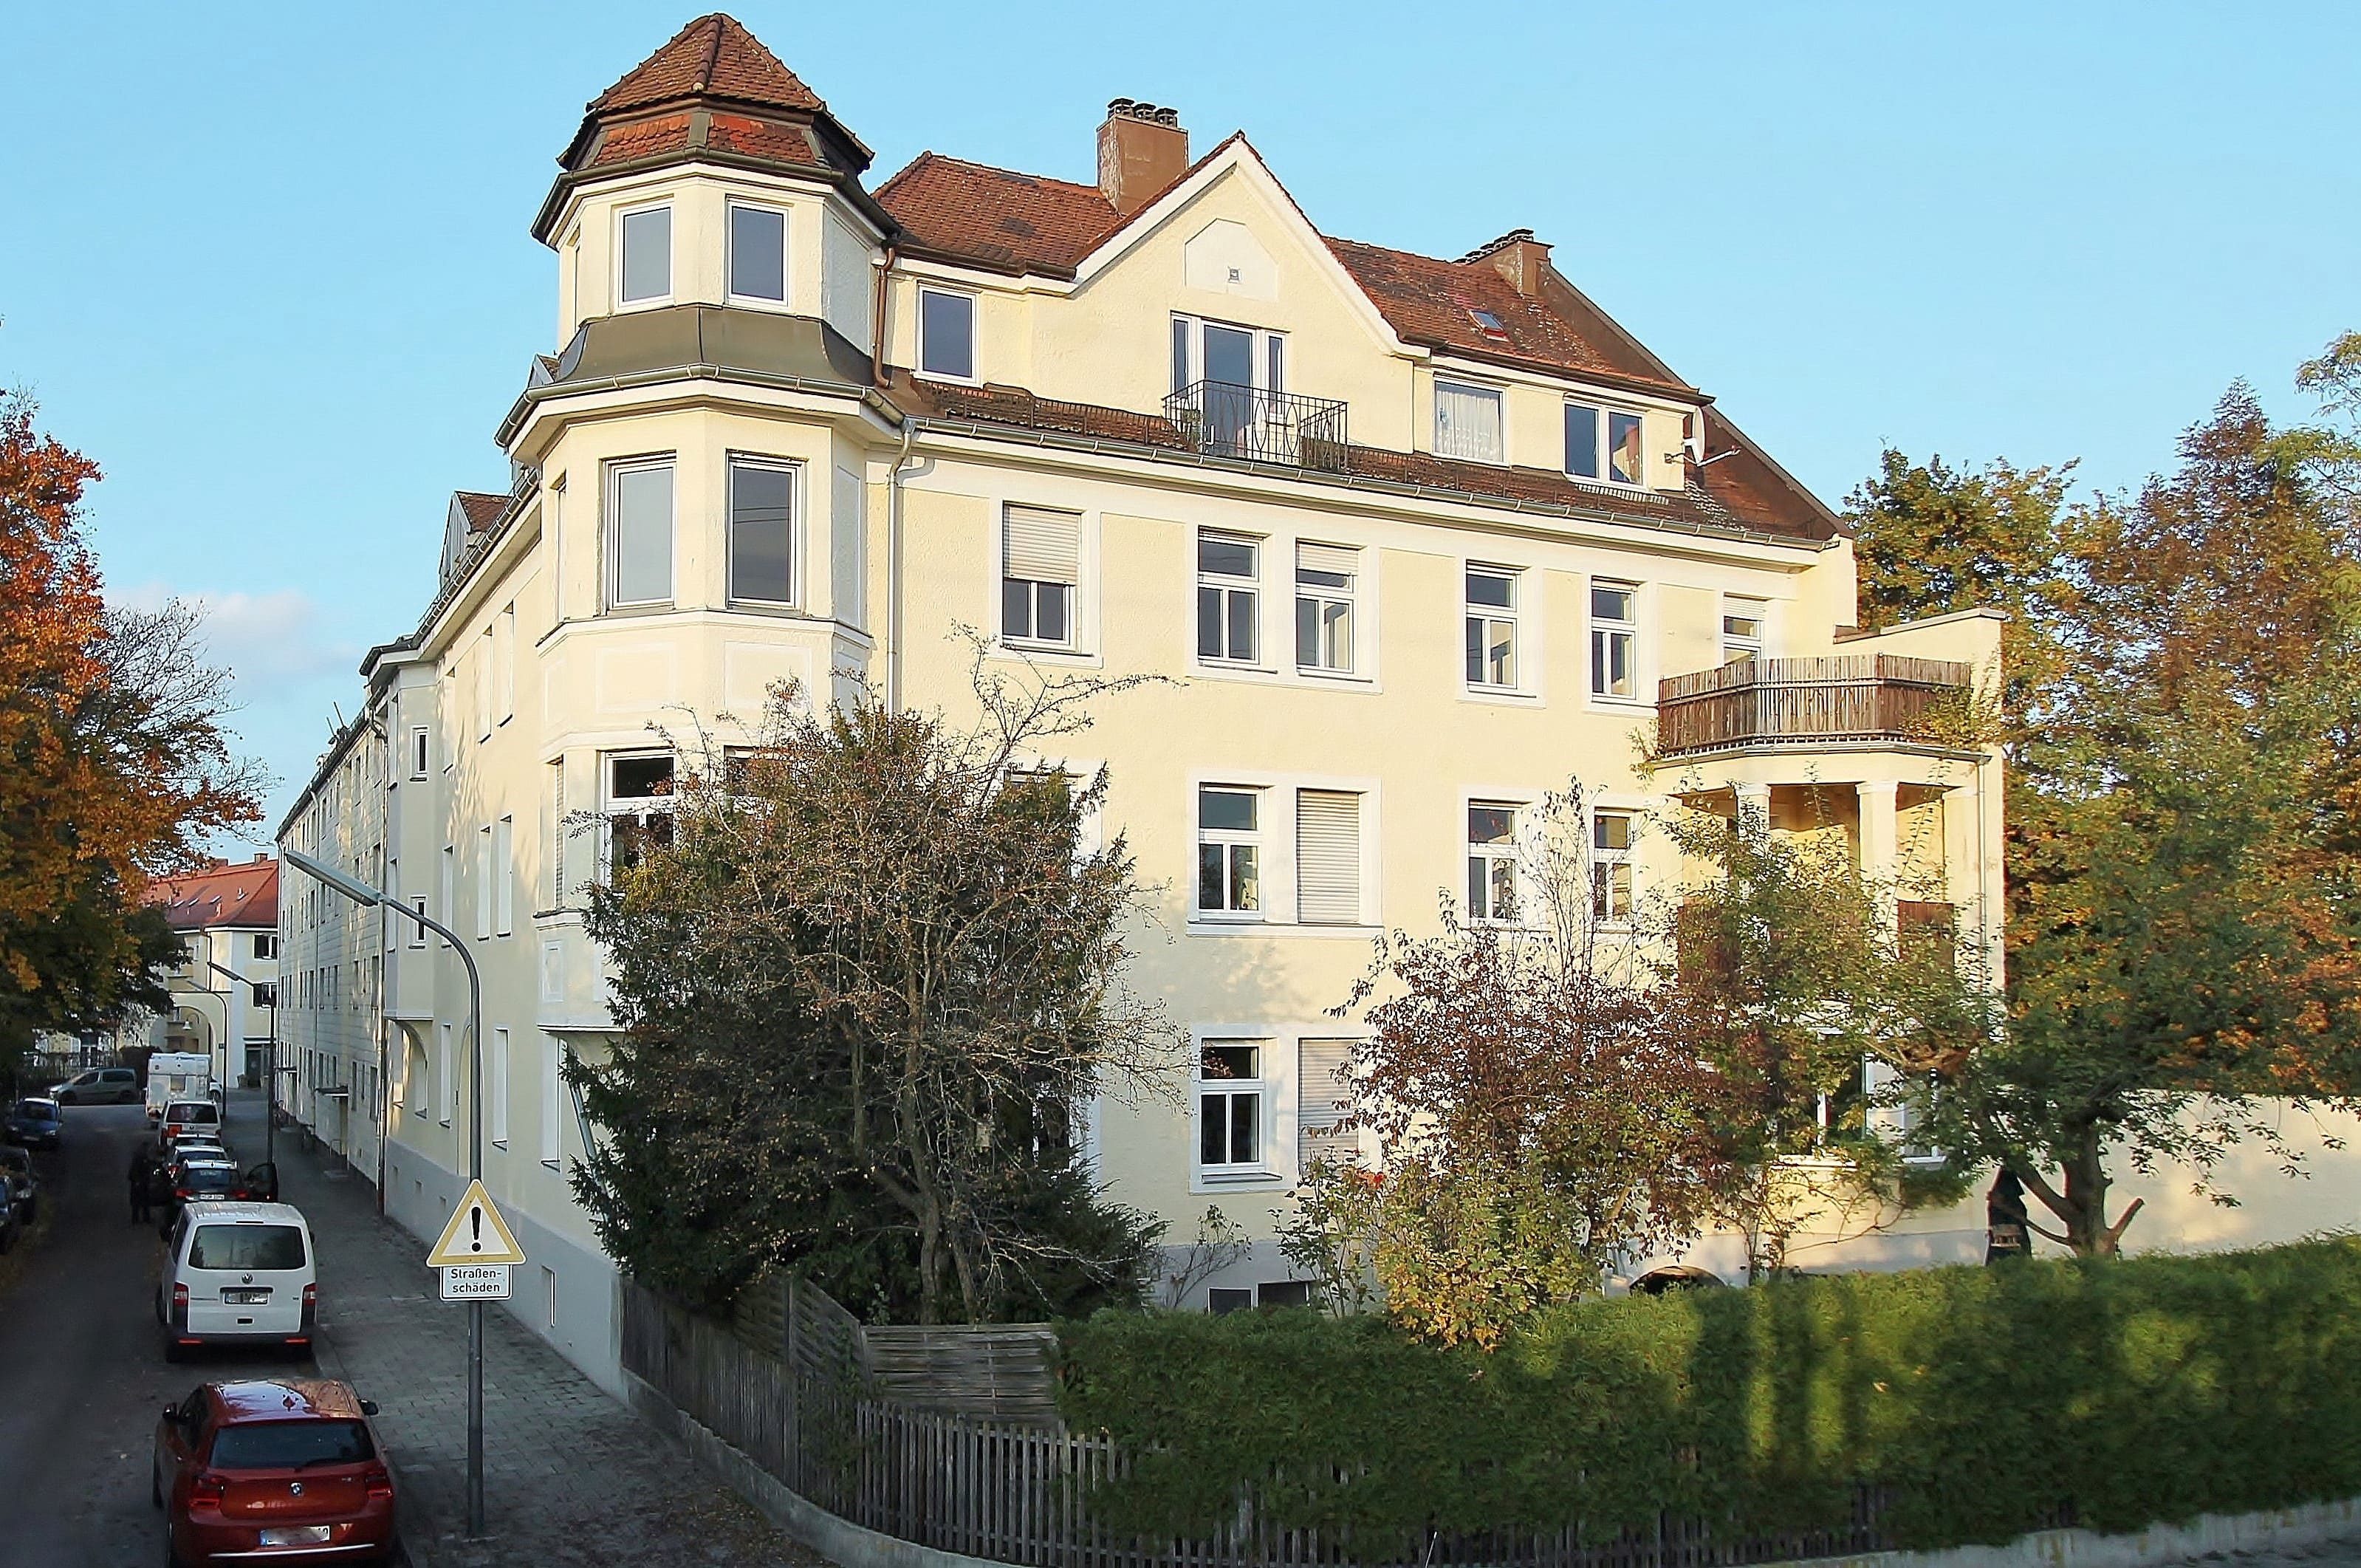 00_GeorgDeschlerPlatz1_Haus_Aussen (1)